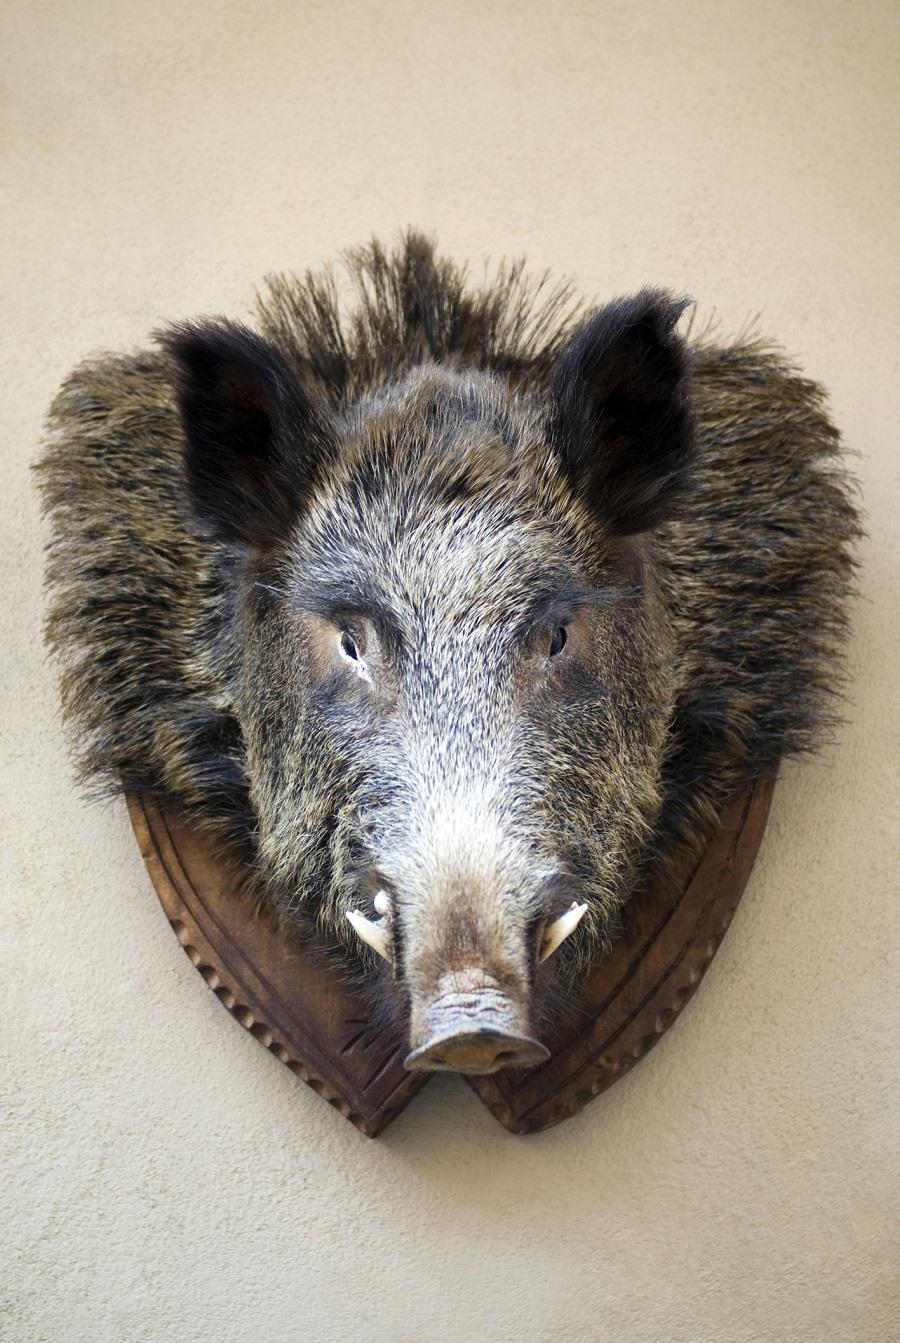 Mounted stuffed wild boar's head